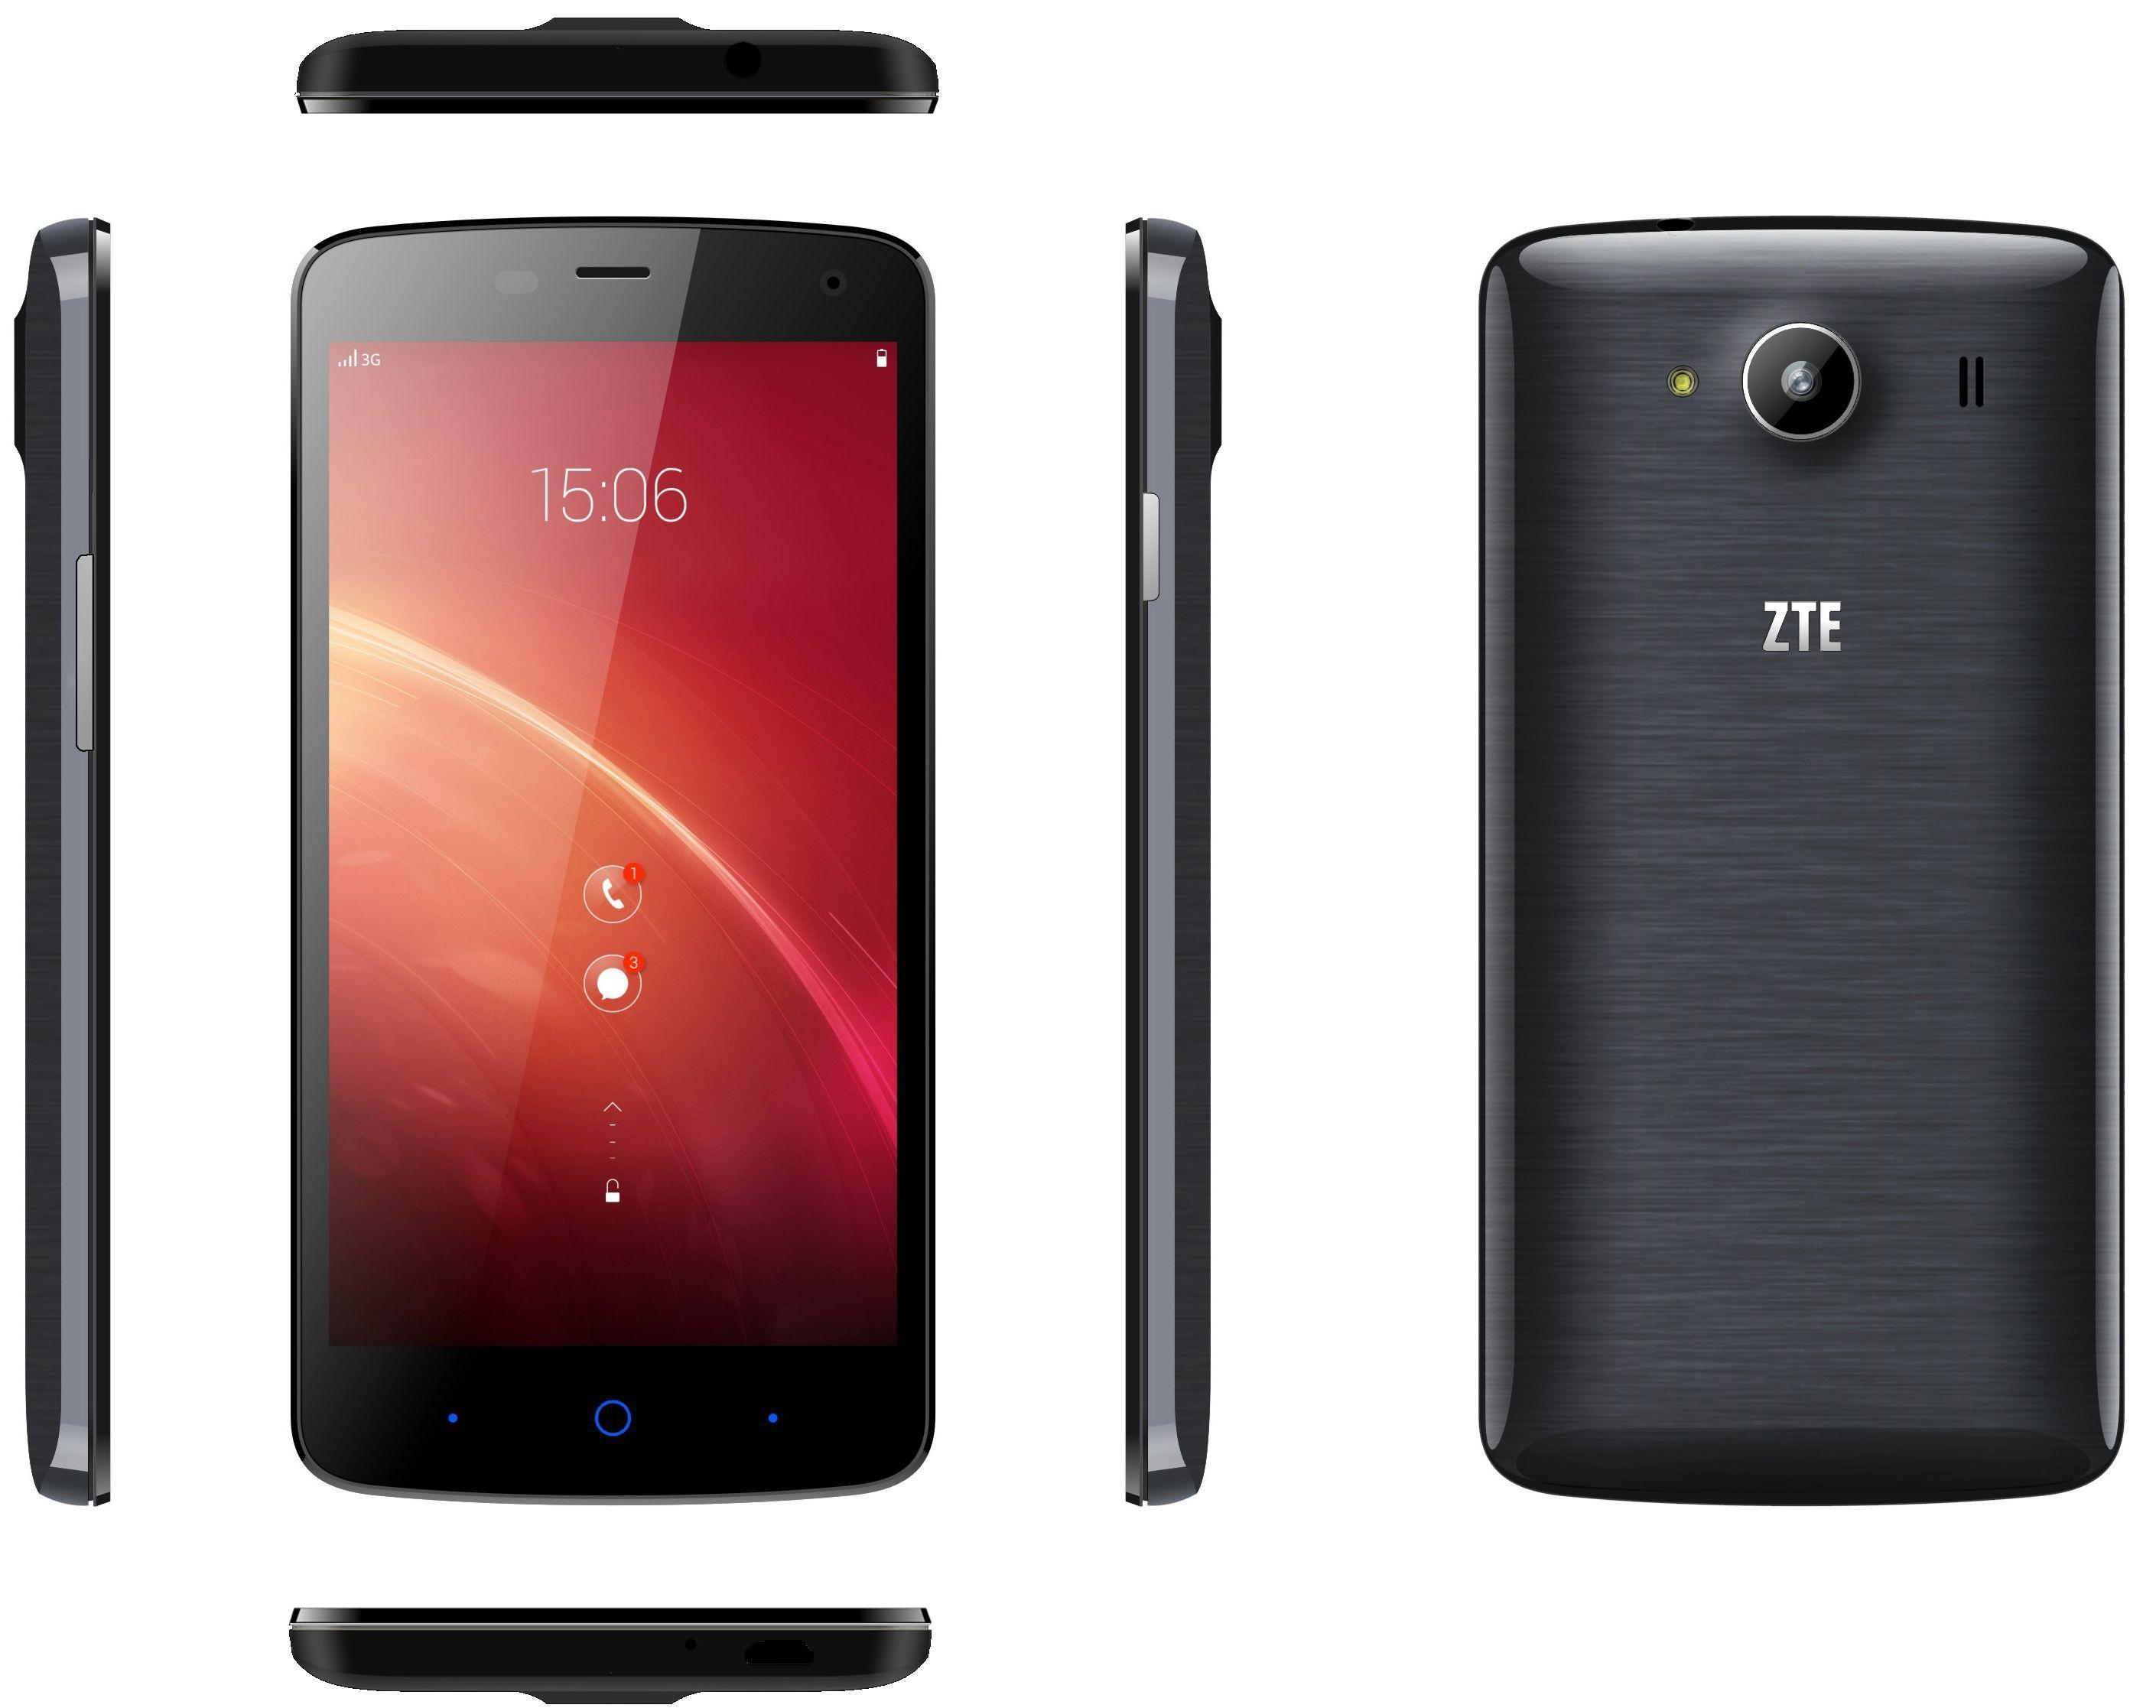 ZTE ��������� ��������� ��������� Blade Q Lux 3G � Blade L370 � ������